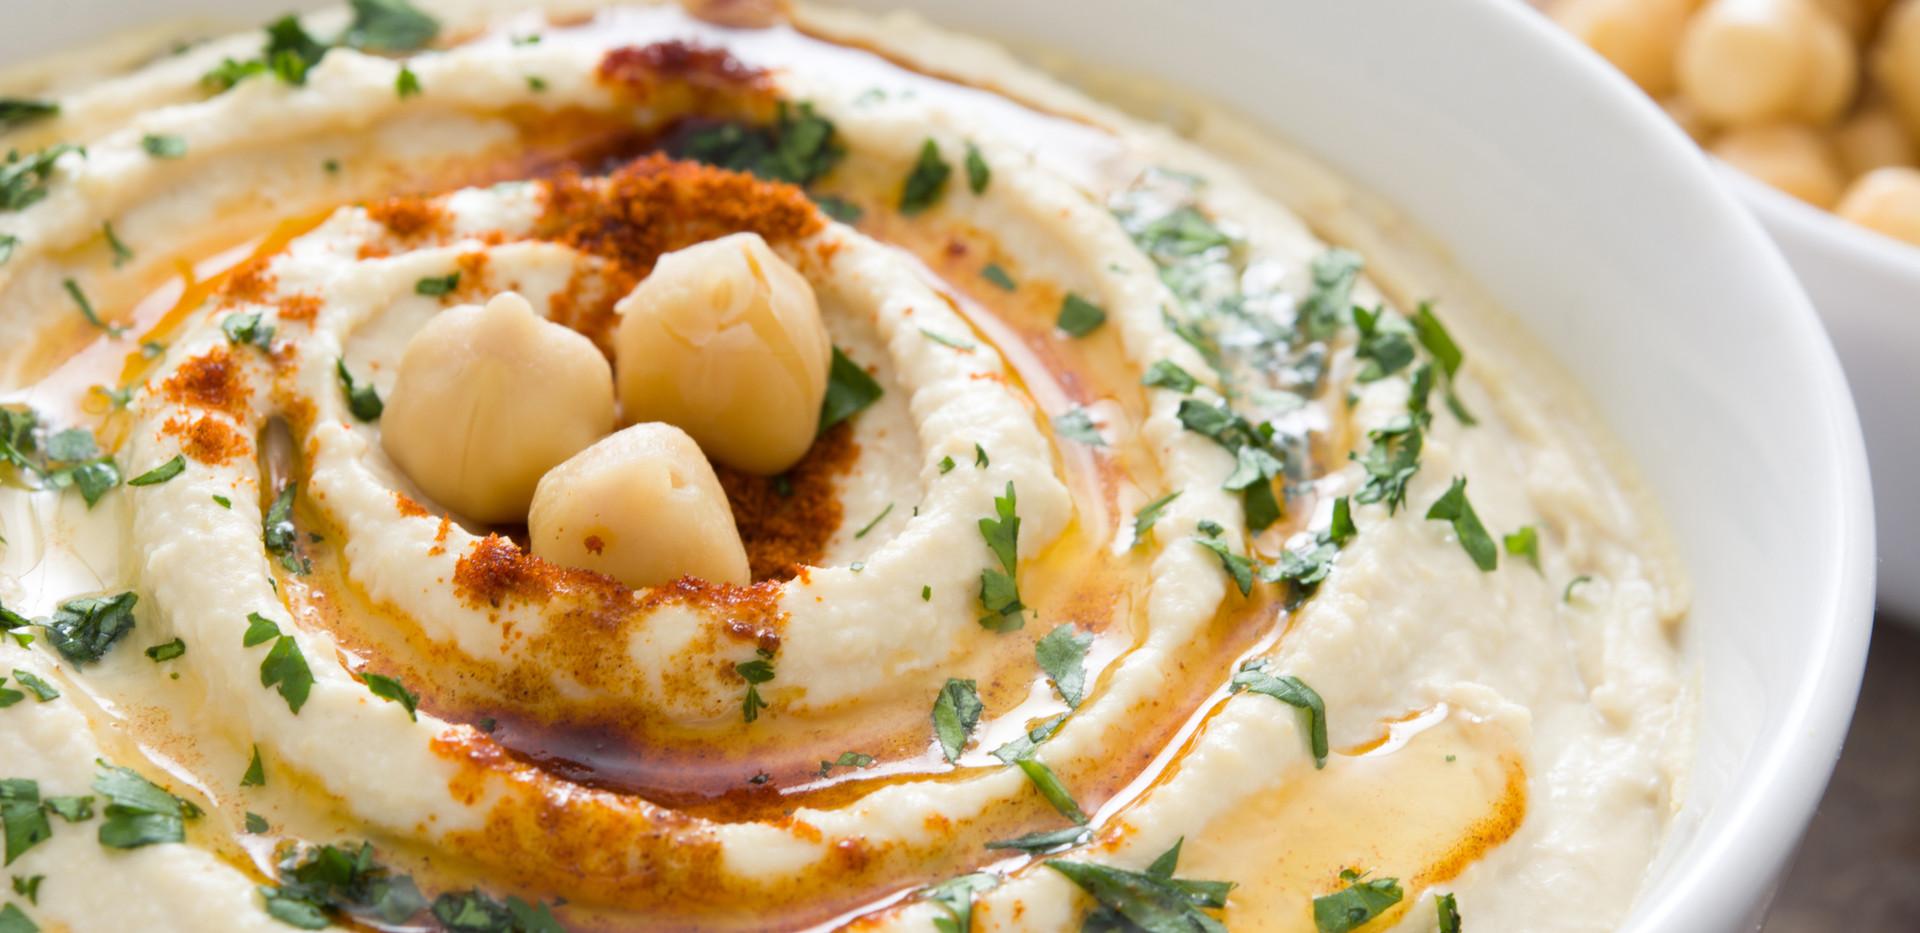 TIA's Table Hummus